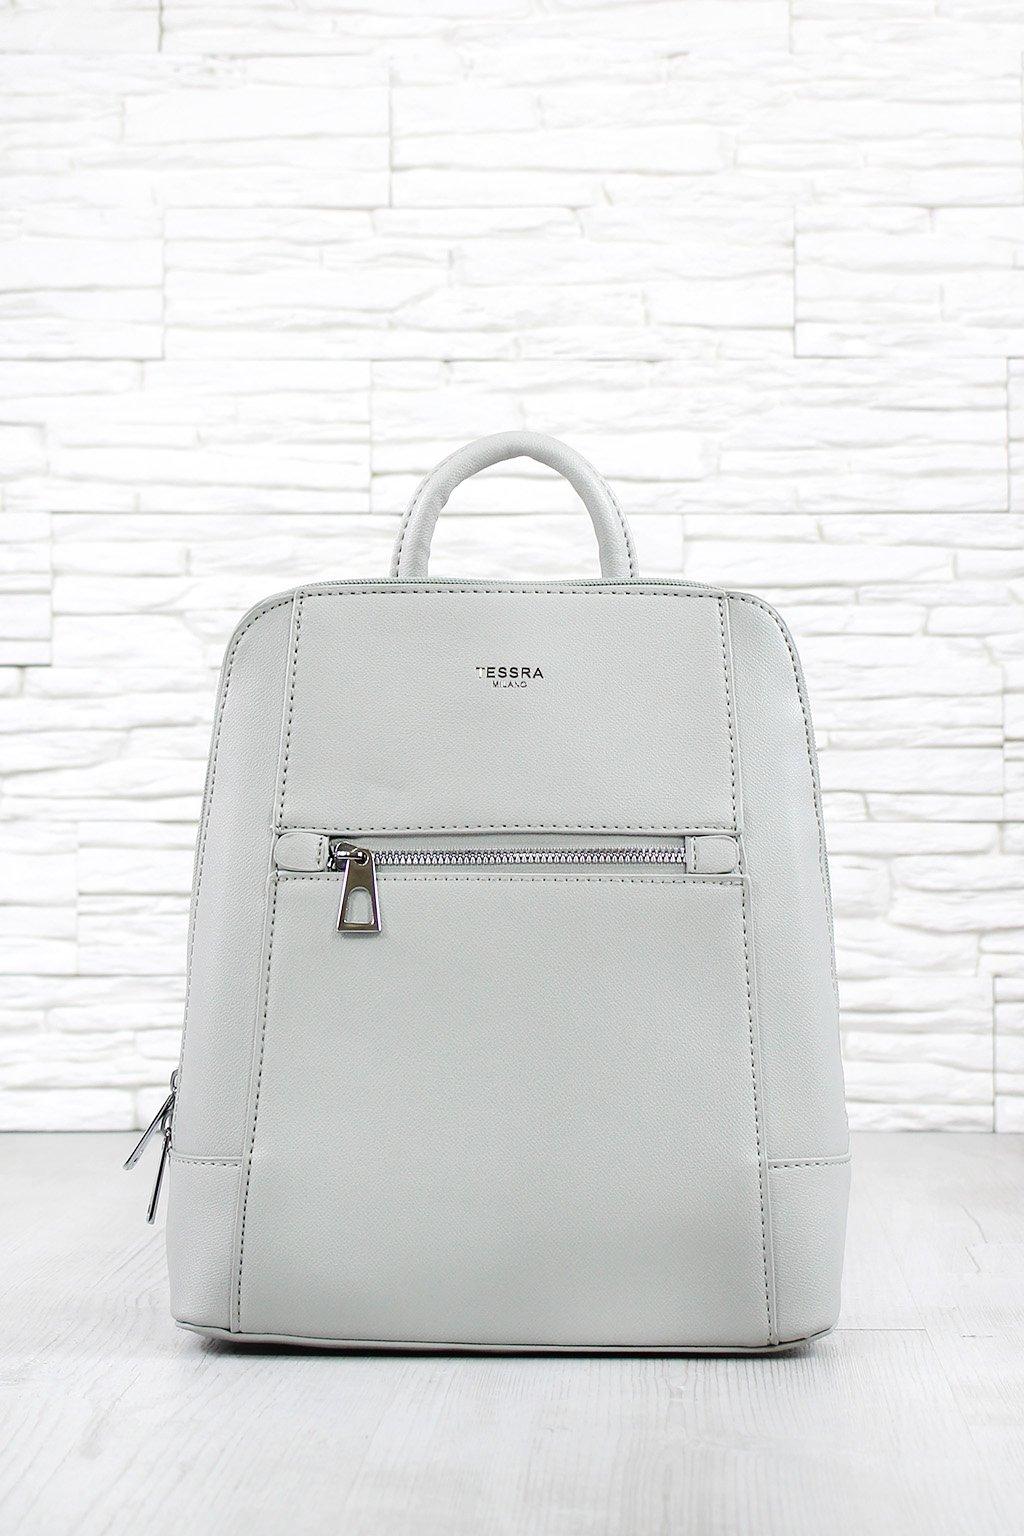 Šedý batoh 5482 TS g (1)